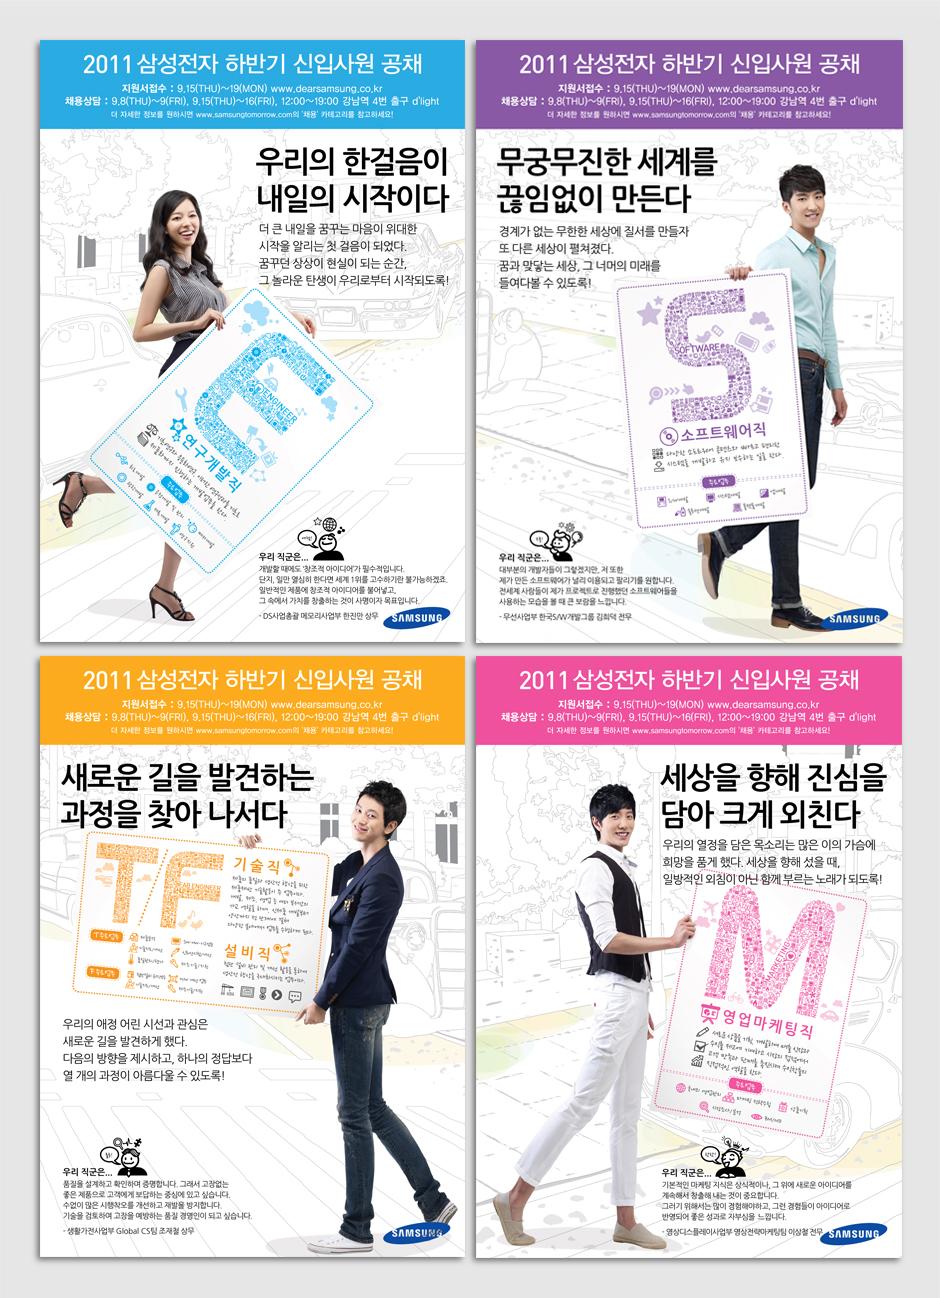 2011_삼성전자_하반기채용_포스터